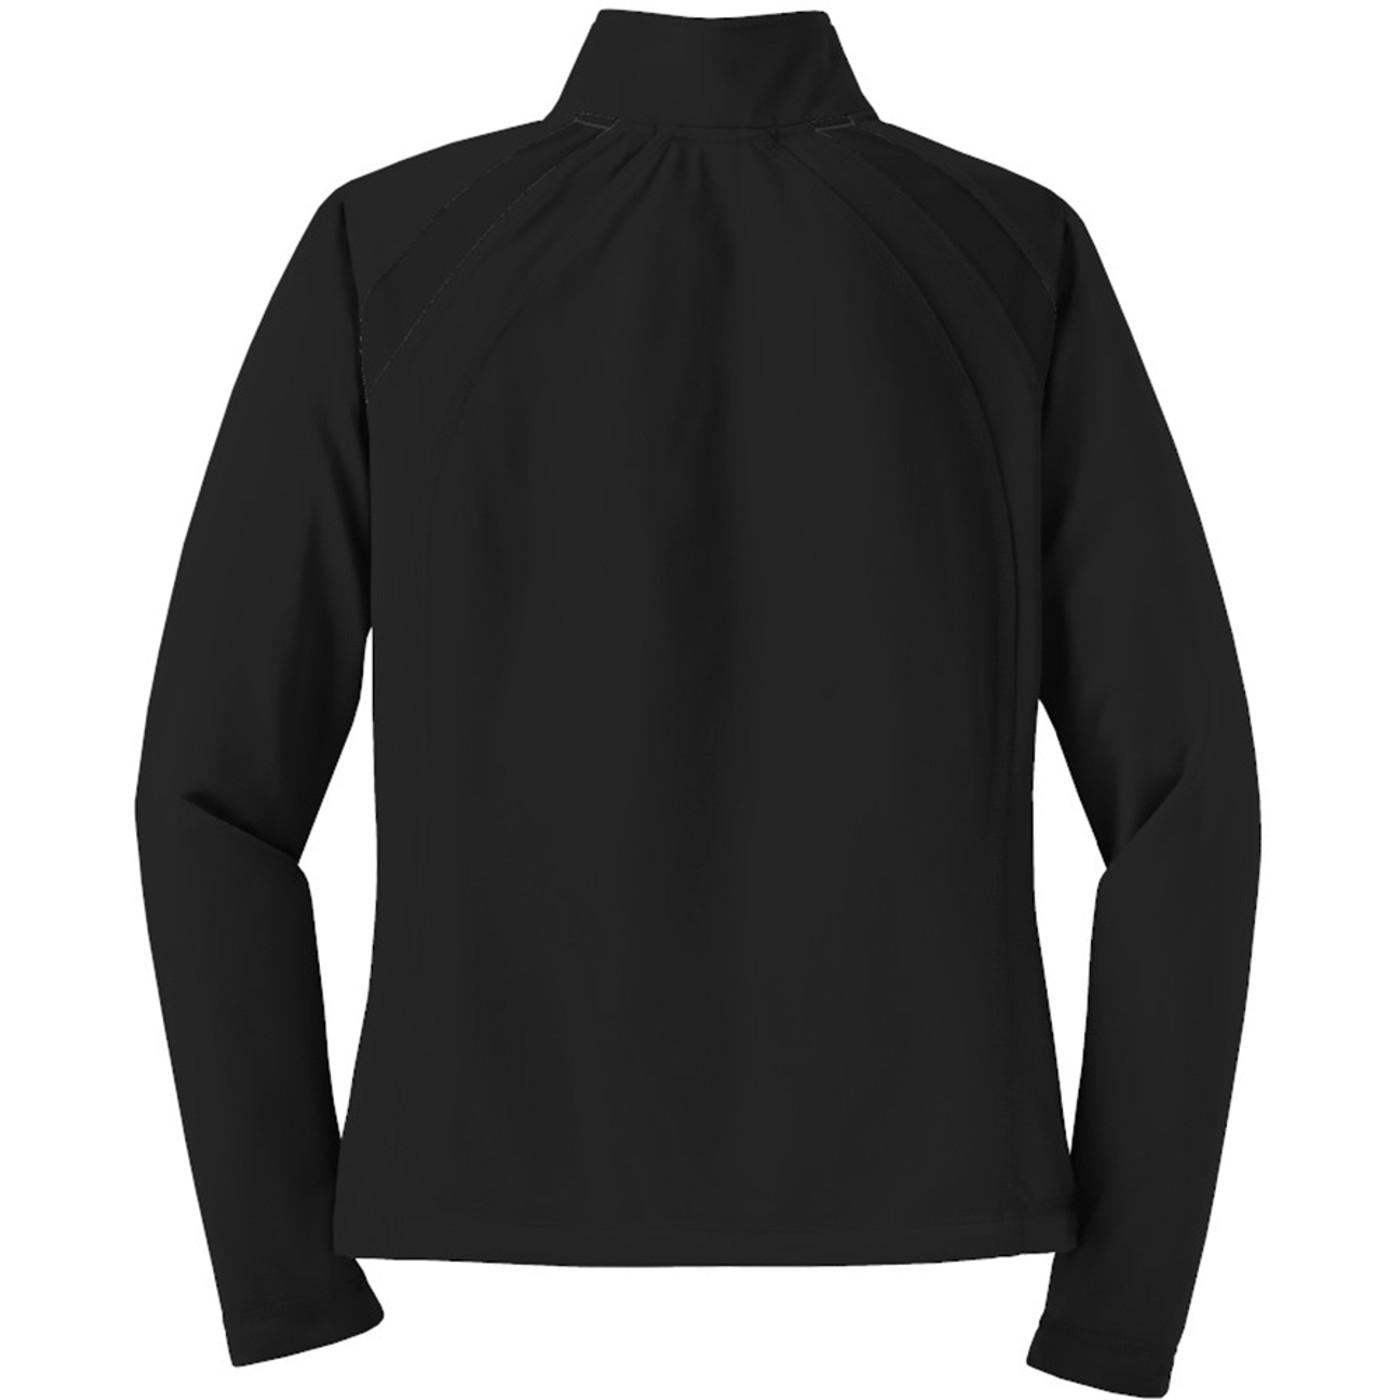 W1189N NISOA Women's 4th Official Jacket